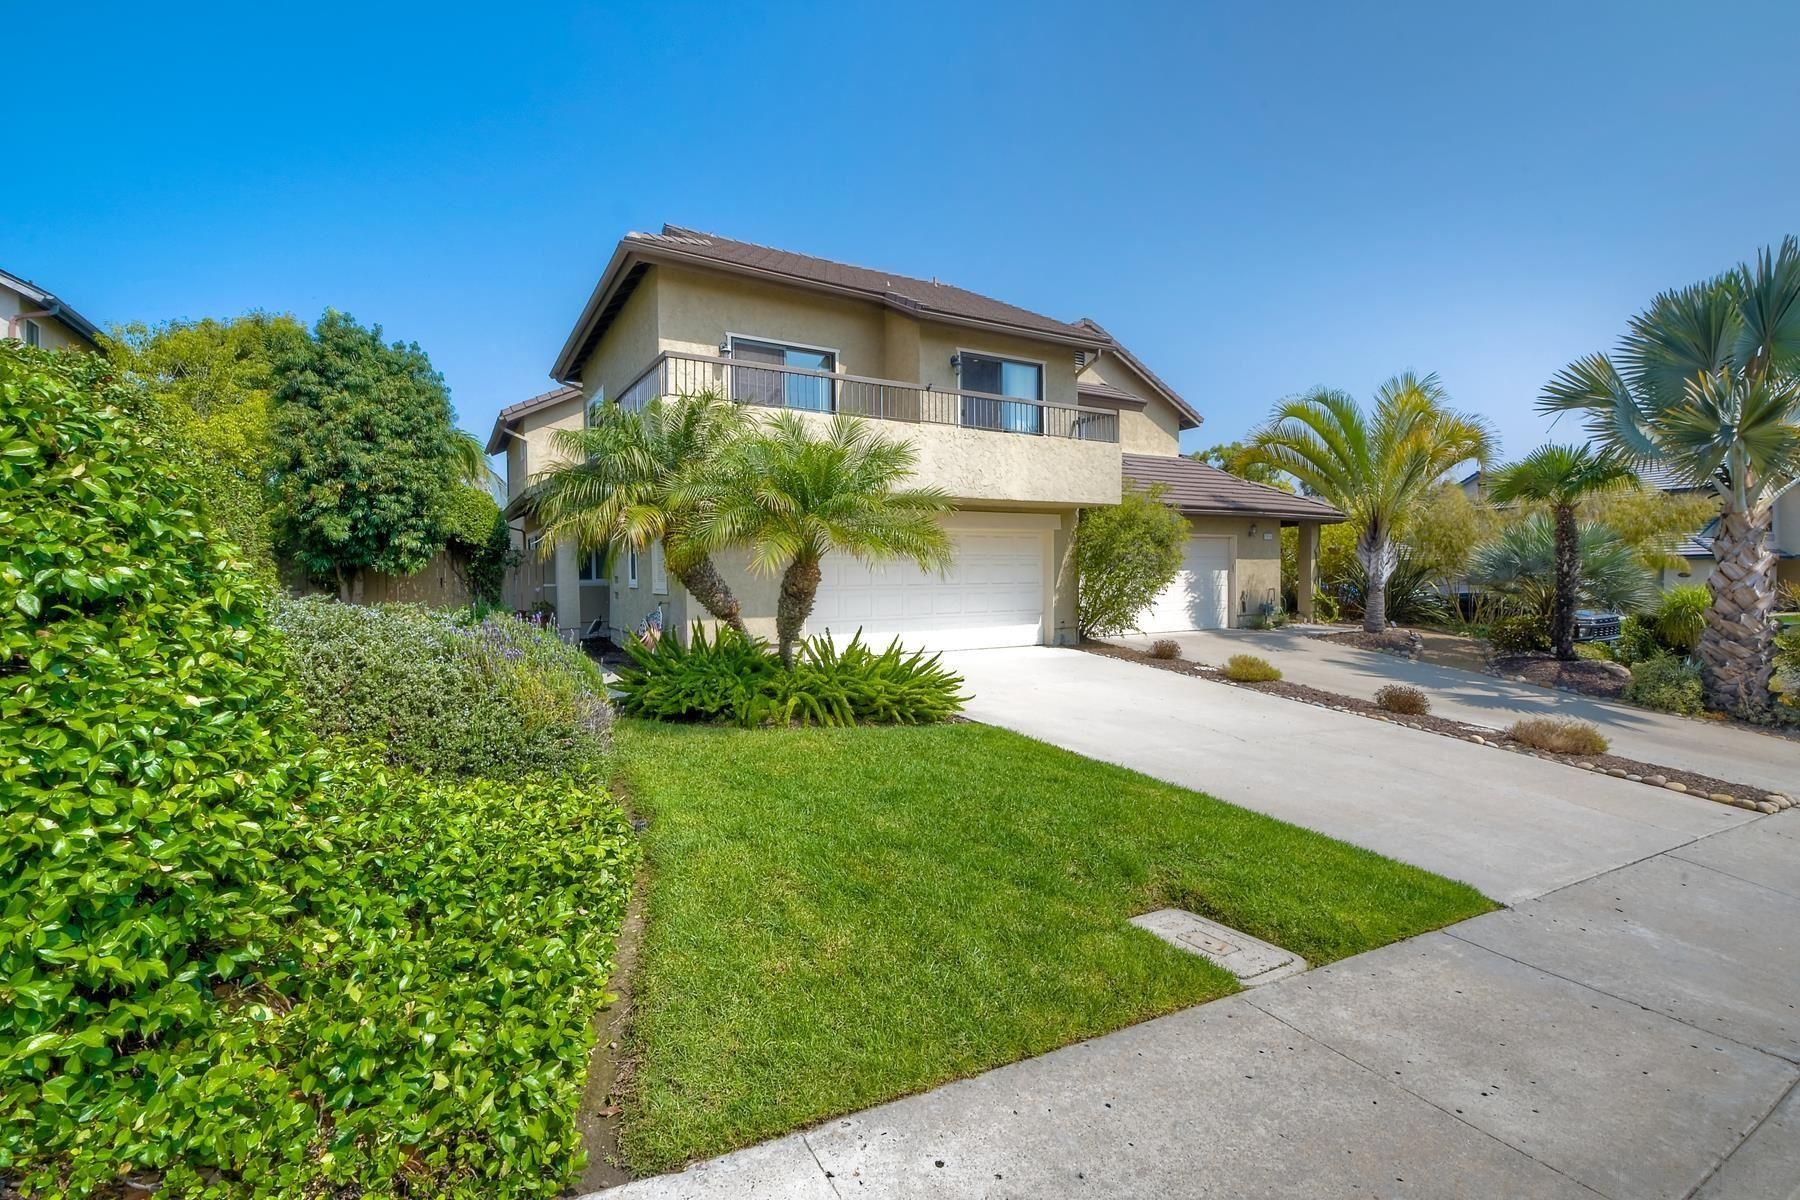 9590 Hiker Hill, San Diego, CA 92129 - MLS#: 210024381